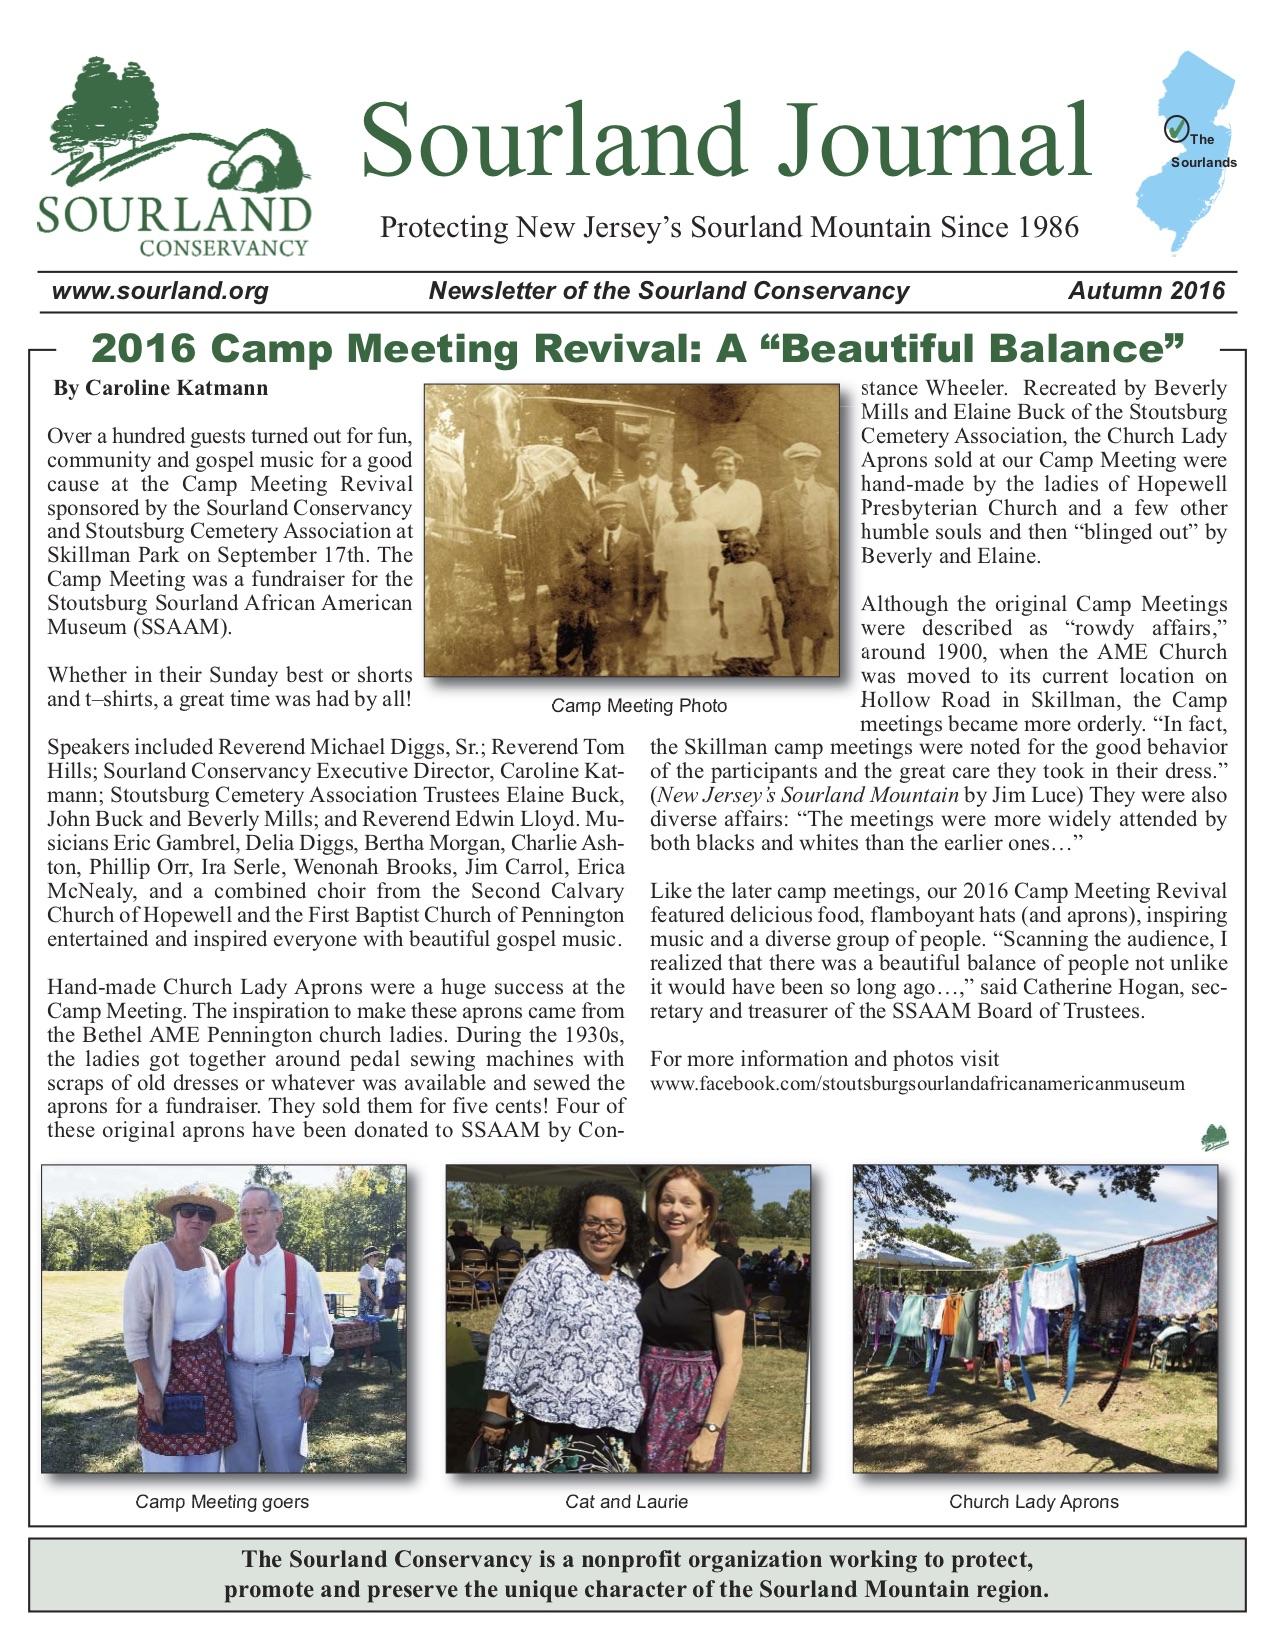 Sourland-Journal-Autumn-2016.jpg